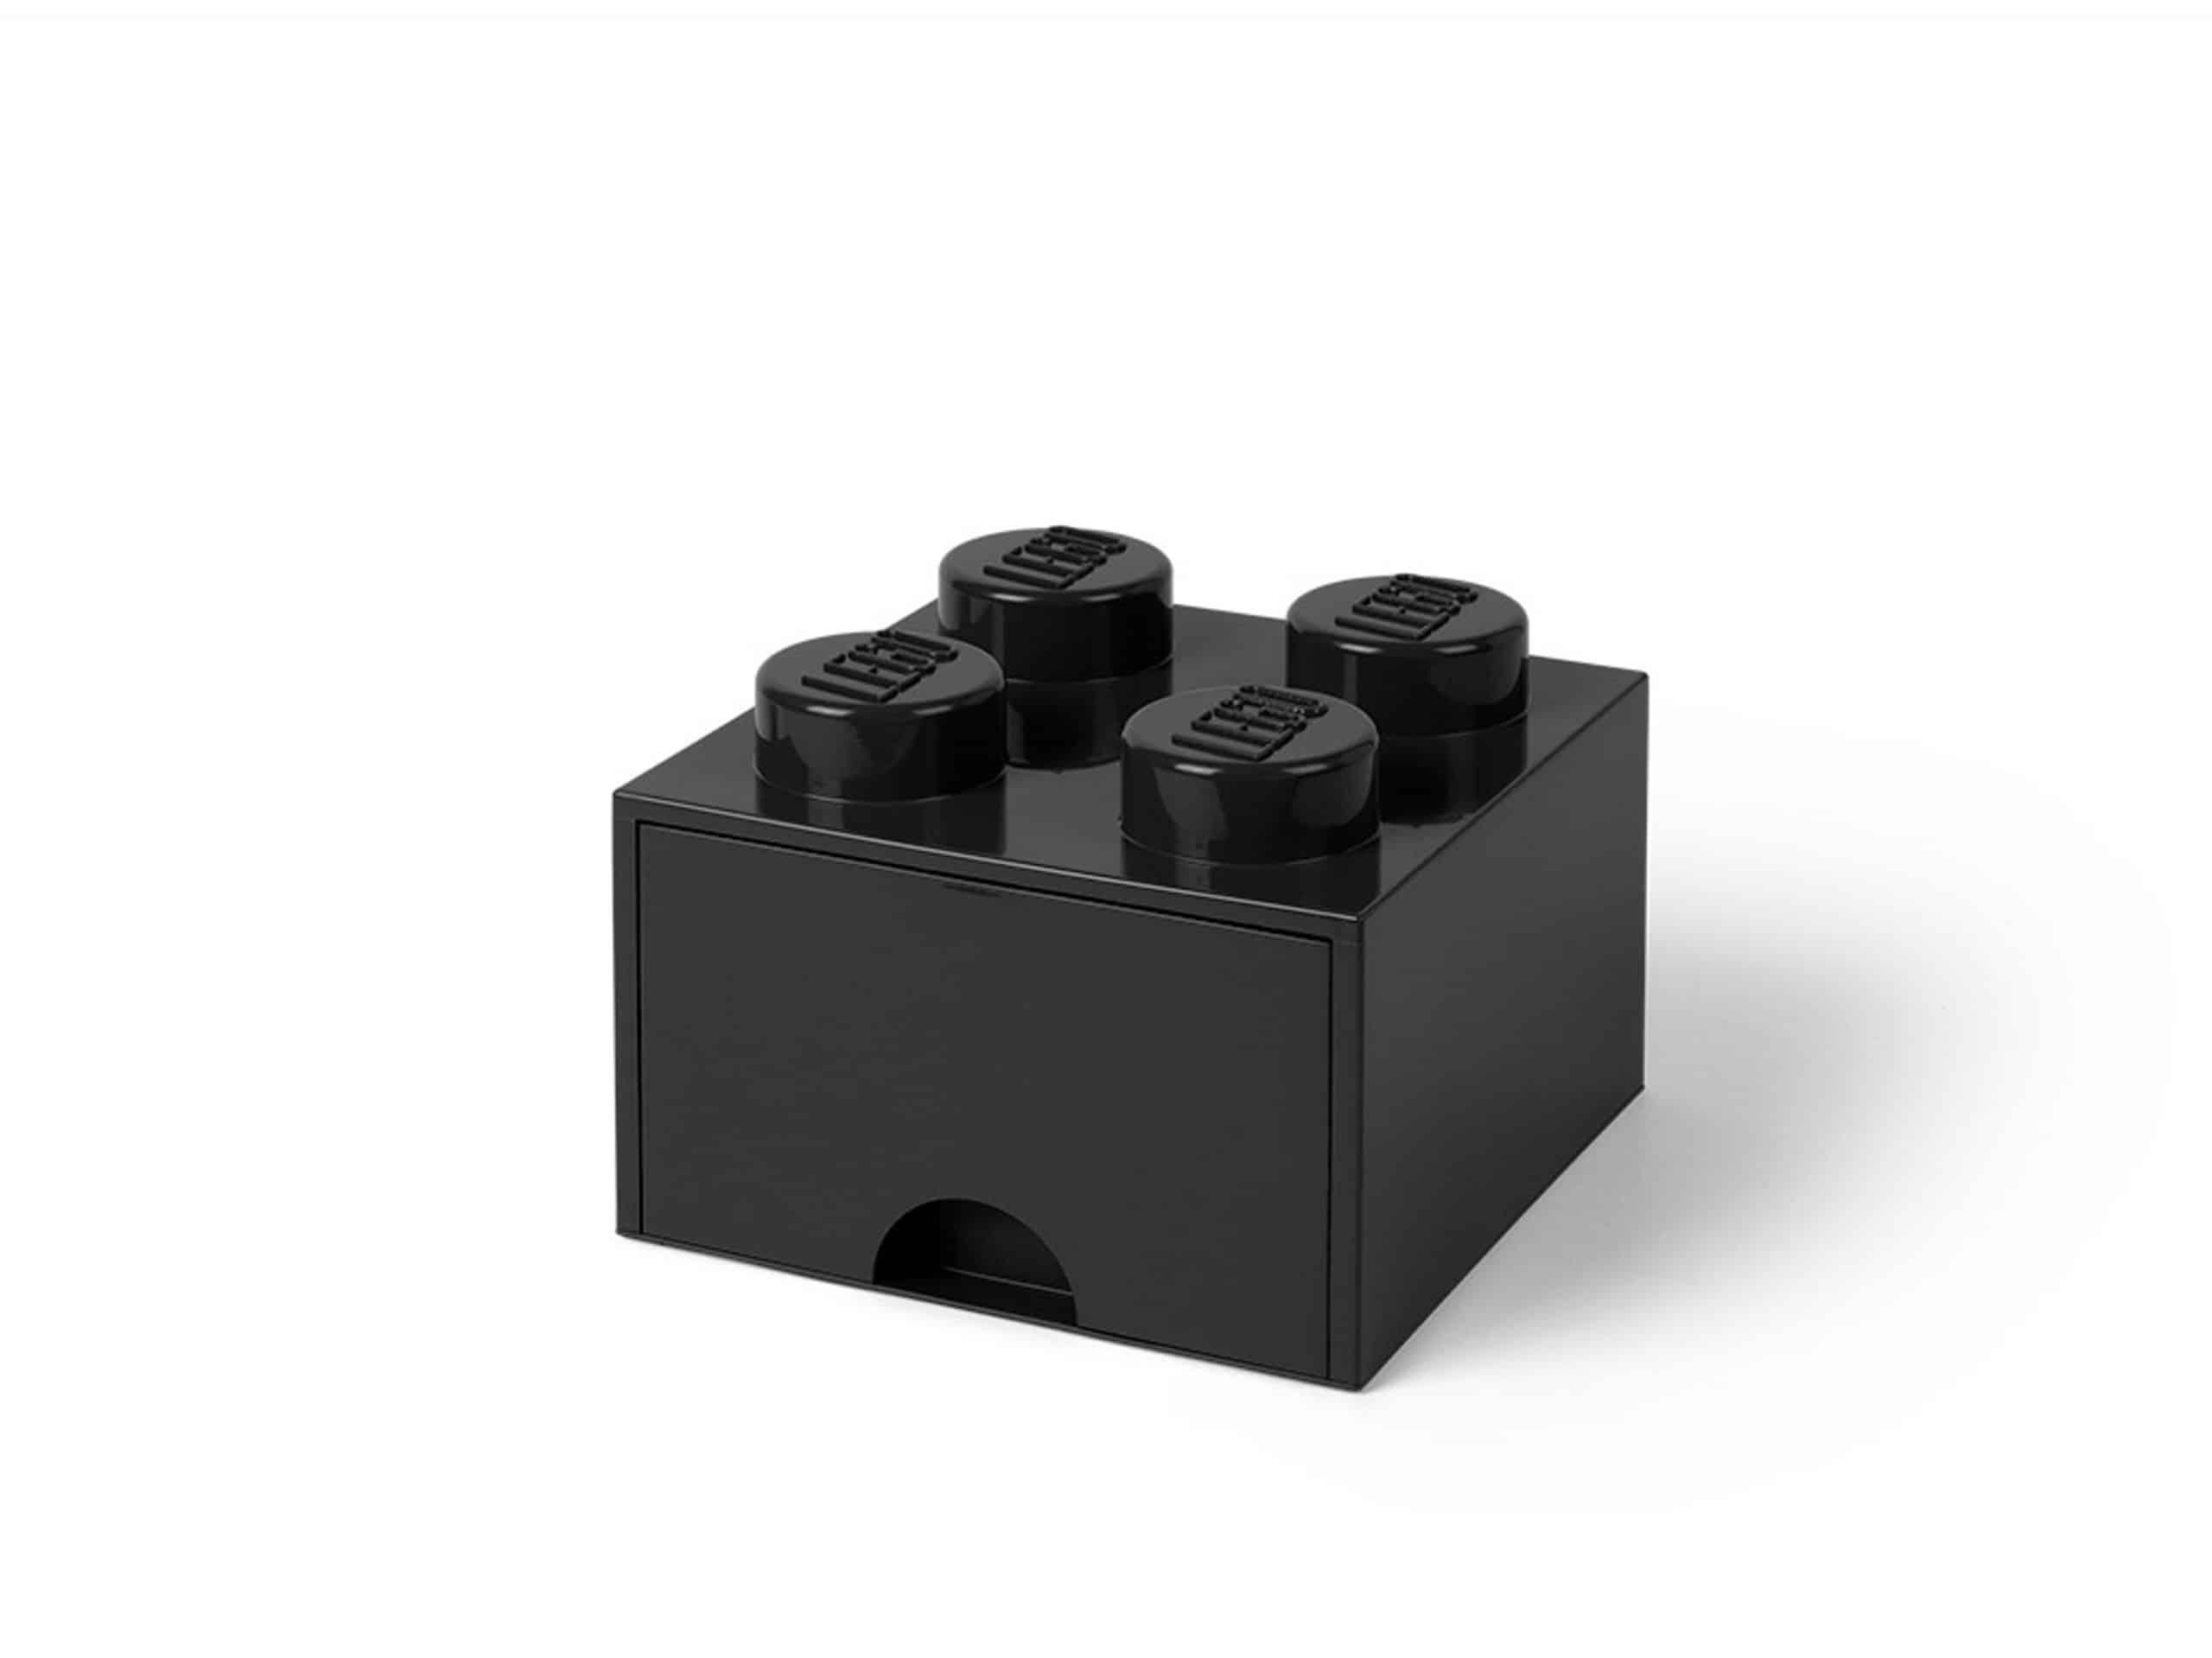 brique noire de rangement lego 5005711 a tiroir et a 4 tenons scaled